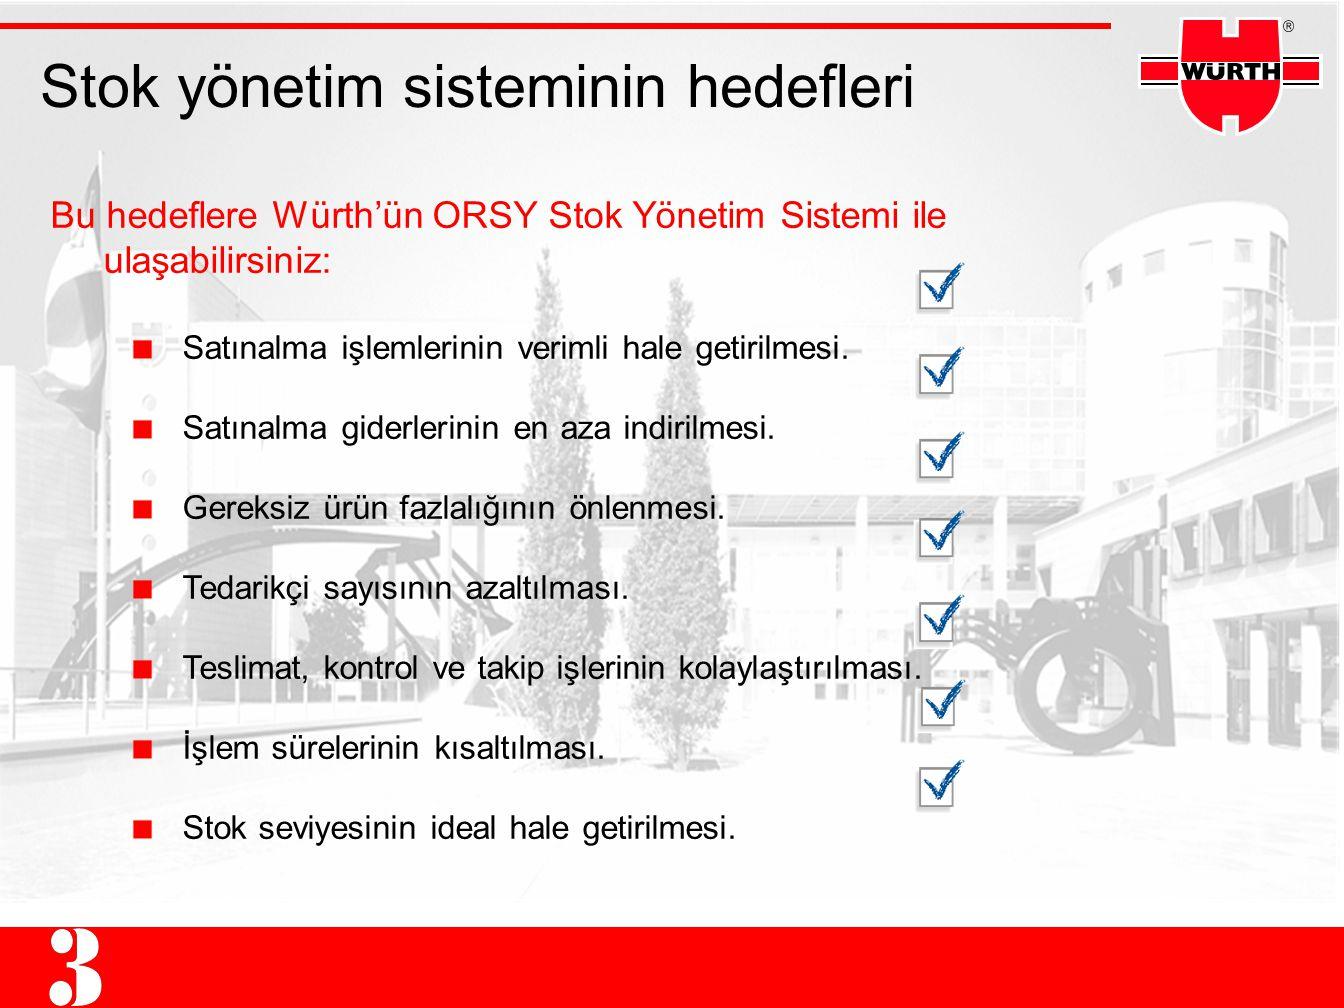 Stok yönetim sisteminin hedefleri Bu hedeflere Würth'ün ORSY Stok Yönetim Sistemi ile ulaşabilirsiniz: Satınalma işlemlerinin verimli hale getirilmesi